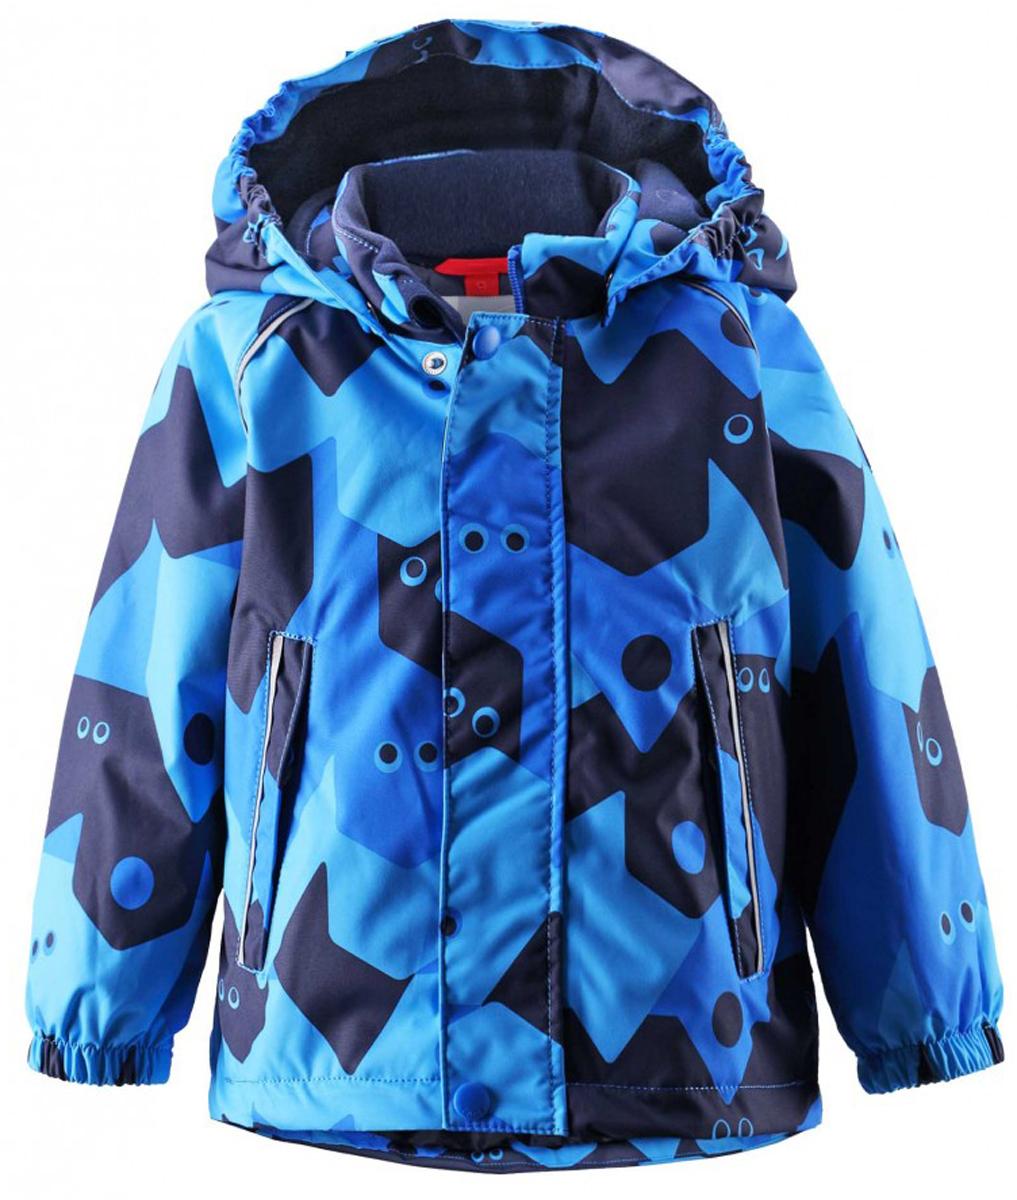 Куртка детская Reima Reimatec Pirtti, цвет: голубой. 511229C-6561. Размер 74511229C-6561Непромокаемая зимняя куртка для малышей с веселым рисунком просто создана для зимних приключений! Она изготовлена из водо- и ветронепроницаемого материала с грязеотталкивающей поверхностью. Все швы в куртке Reimatec проклеены и водонепроницаемы, так что непогода не помешает веселым зимним играм! Материал хорошо пропускает воздух, сколько ни бегай - в этой куртке не вспотеешь. Куртку с подкладкой из гладкого полиэстера очень легко надевать и носить с теплым промежуточным слоем. С помощью удобной системы кнопок Play Layers к этой куртке можно присоединять разные модели флисовых курток, которые подарят вашему ребенку дополнительное тепло и комфорт в холодные дни. Съемный регулируемый капюшон защищает от пронизывающего ветра и безопасен во время игр на свежем воздухе. Кнопки легко отстегиваются, если капюшон случайно за что-нибудь зацепится. Капюшон с подкладкой из мягкого полиэстера с начесом. Карманы на молнии сохранят маленькие сокровища, найденные во время прогулки, а светоотражающие детали позволяют хорошо видеть ребенка в темноте.